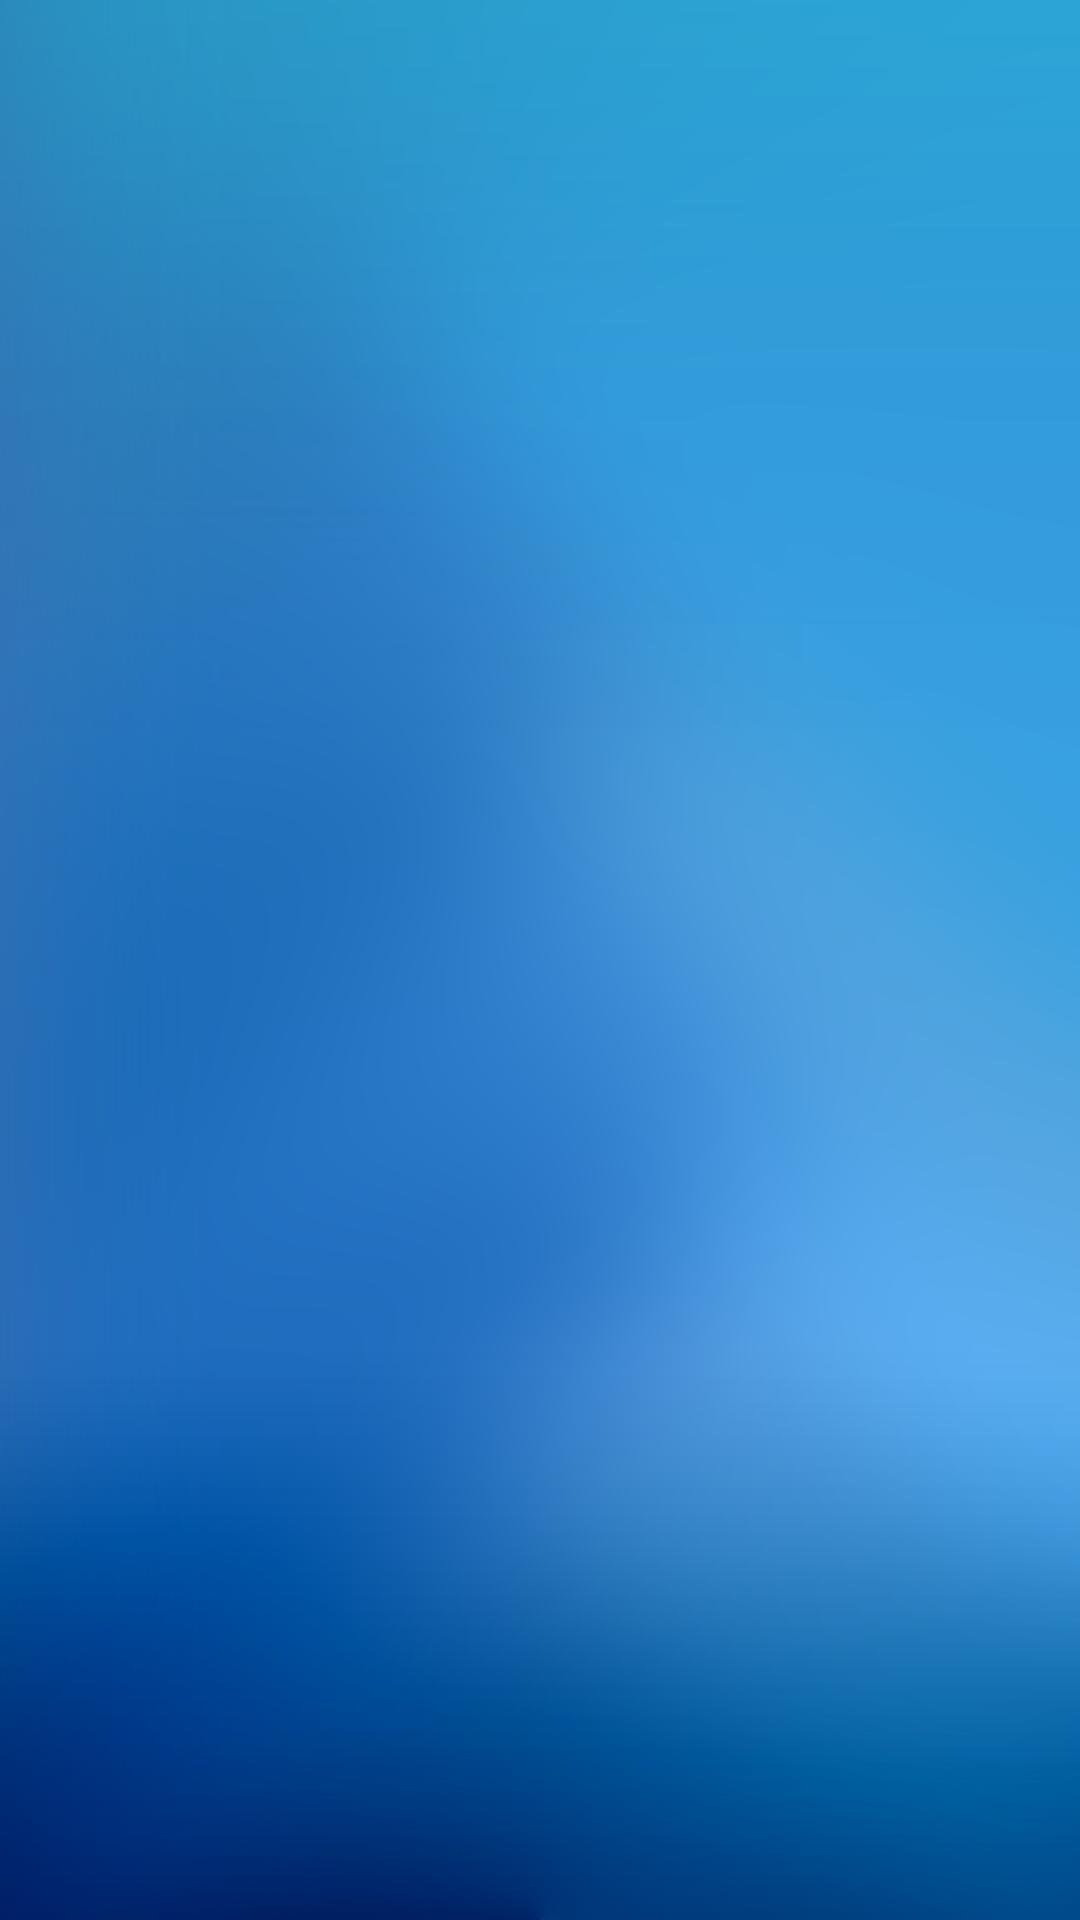 腾讯新rom内置全高清手机壁纸